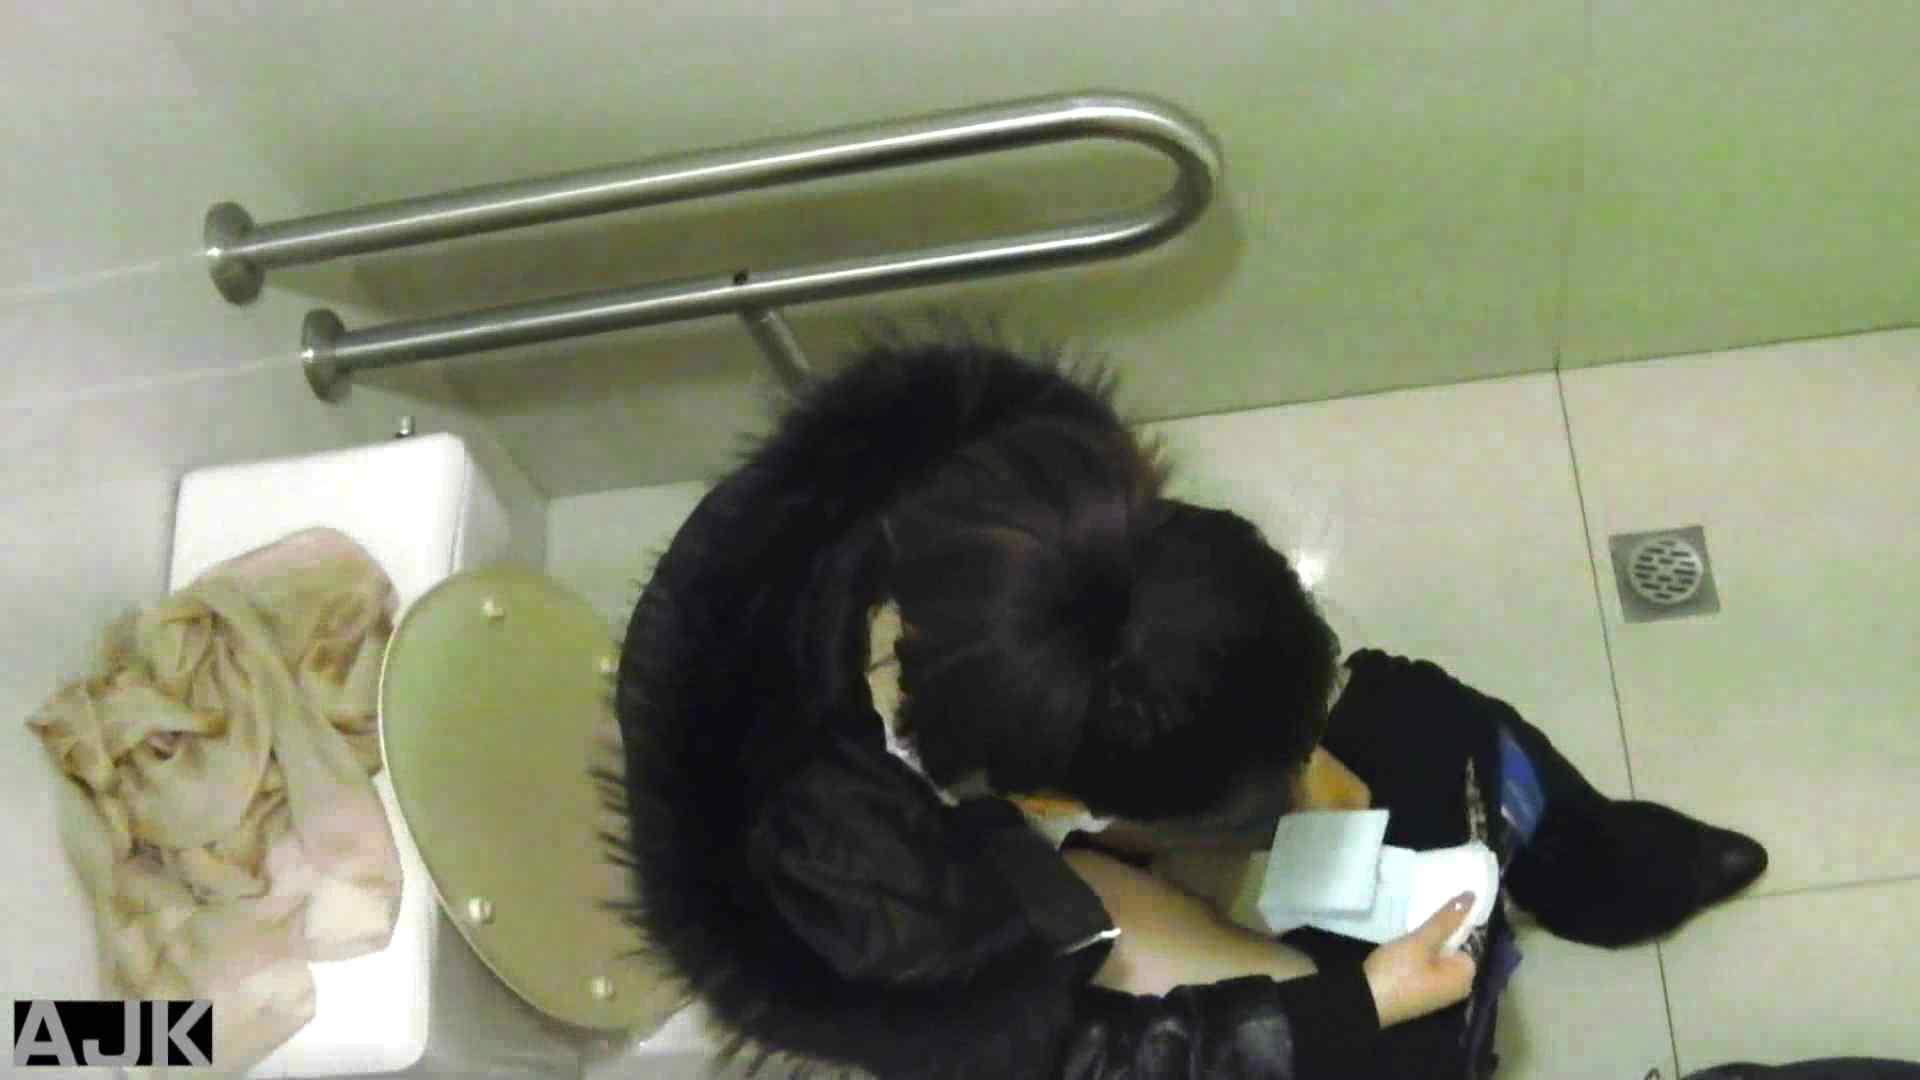 隣国上階級エリアの令嬢たちが集うデパートお手洗い Vol.19 HなOL  99pic 64